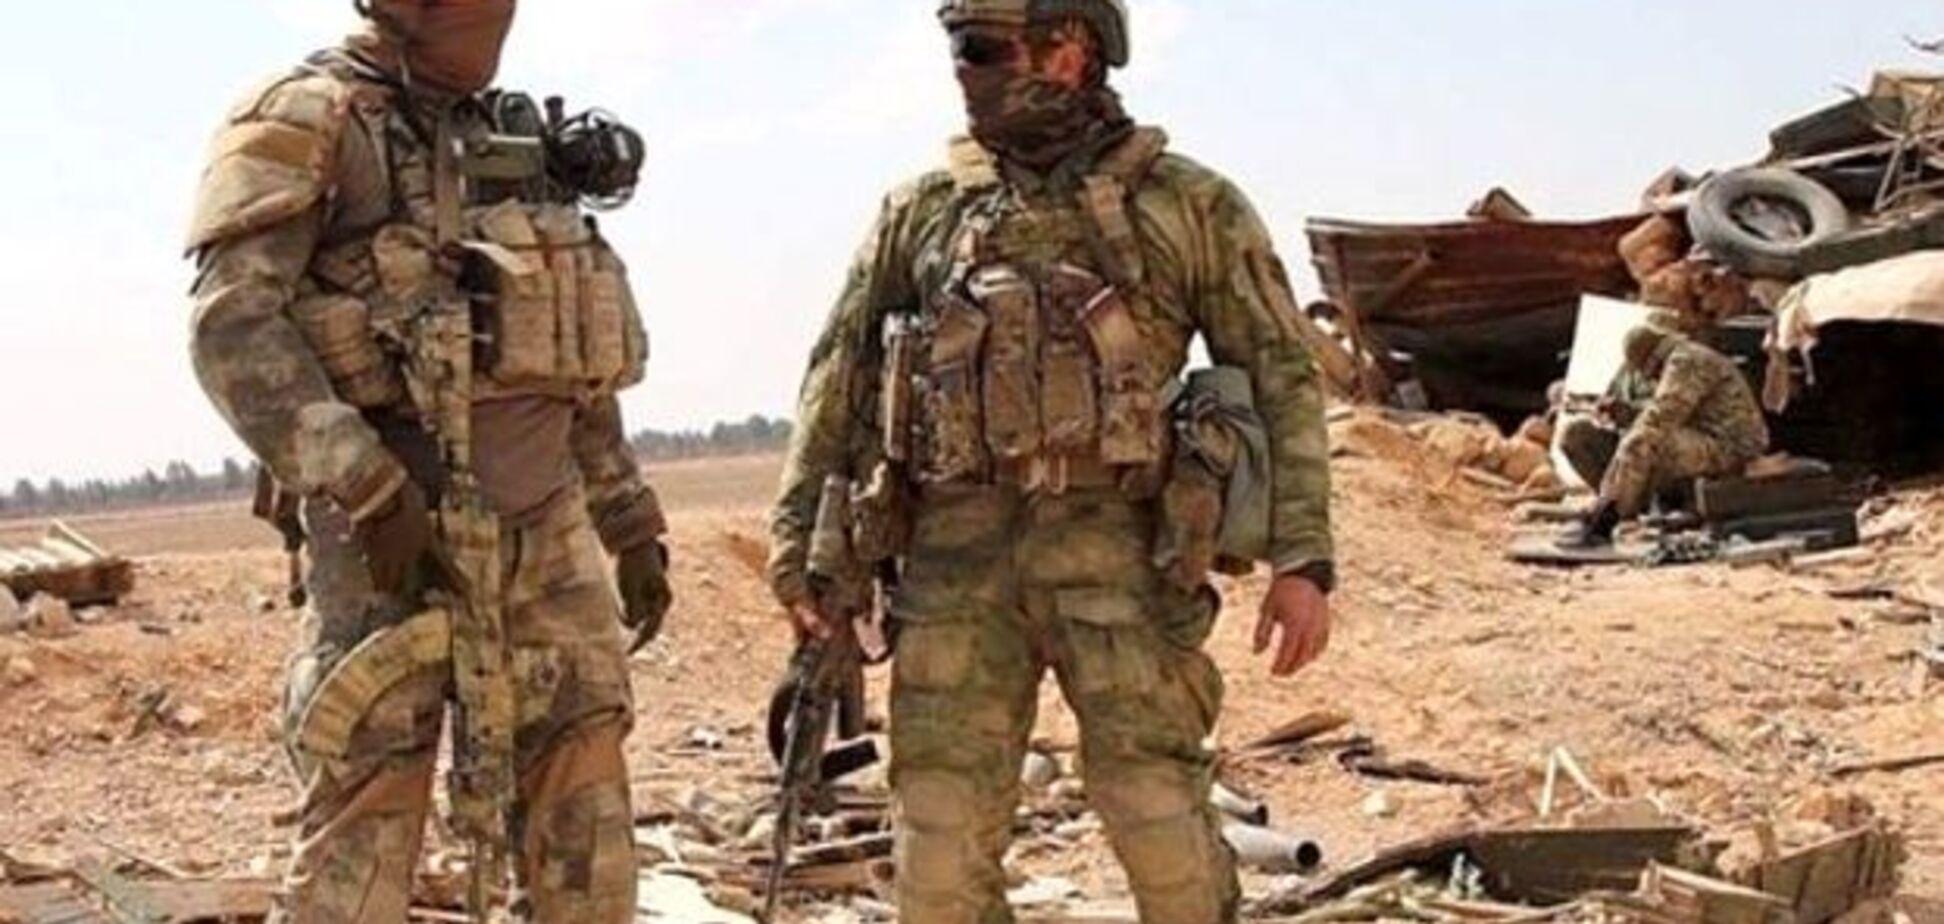 Разгром 'ЧВК Вагнера' в Сирии: рассекречены масштабные потери России